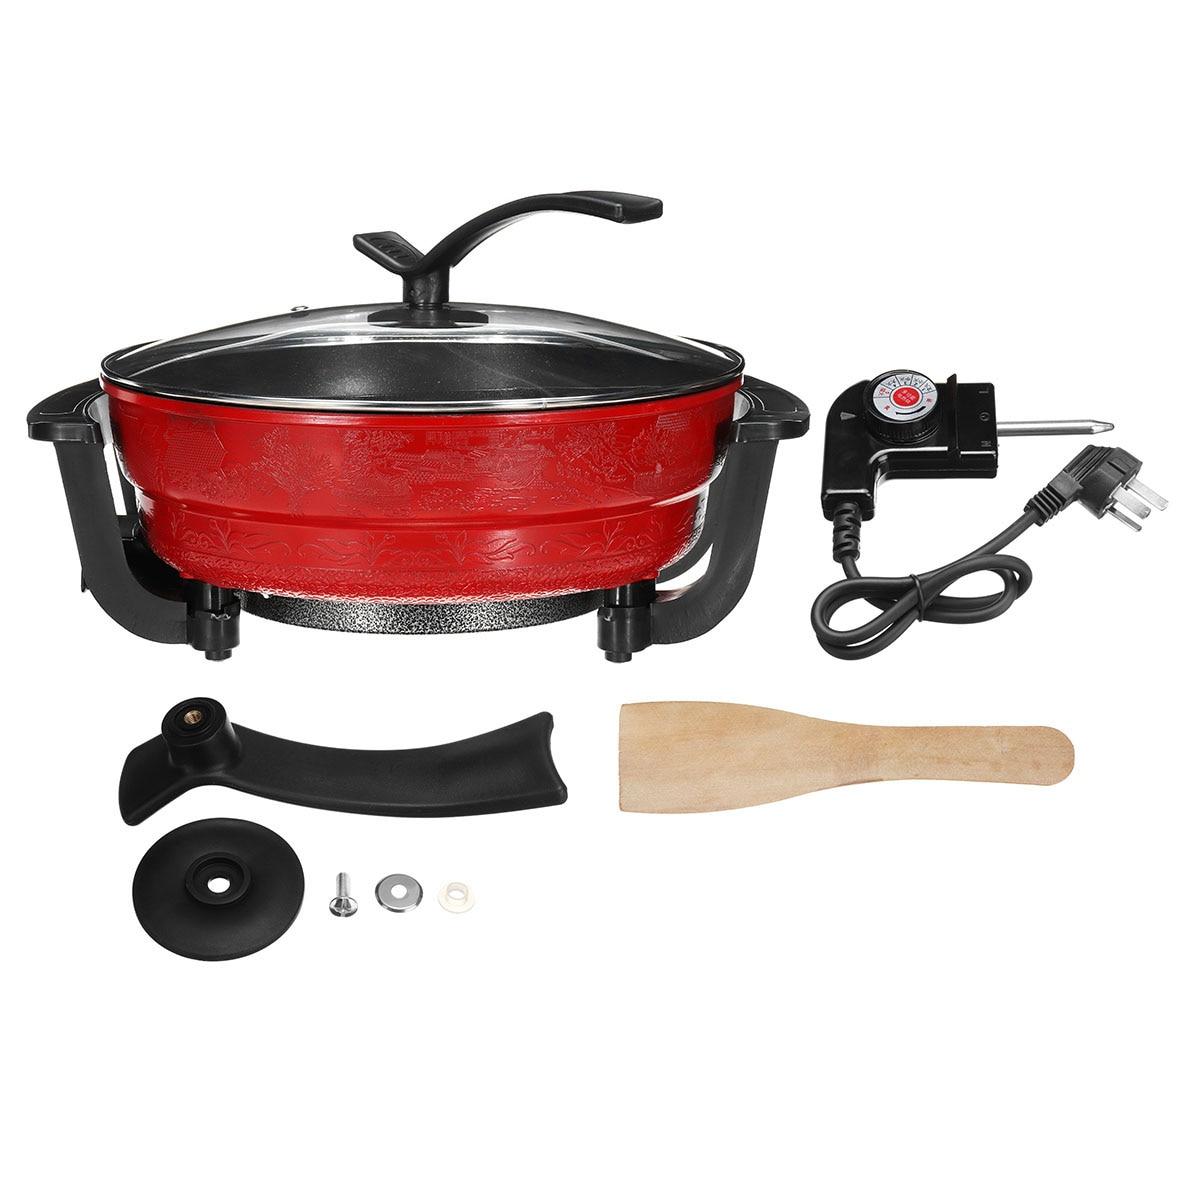 220 V 1300 W 6L électrique Hot Pot 32 cm cuisine soupe marmite ustensiles de cuisine antiadhésif pour cuisinières à Induction marmite - 6